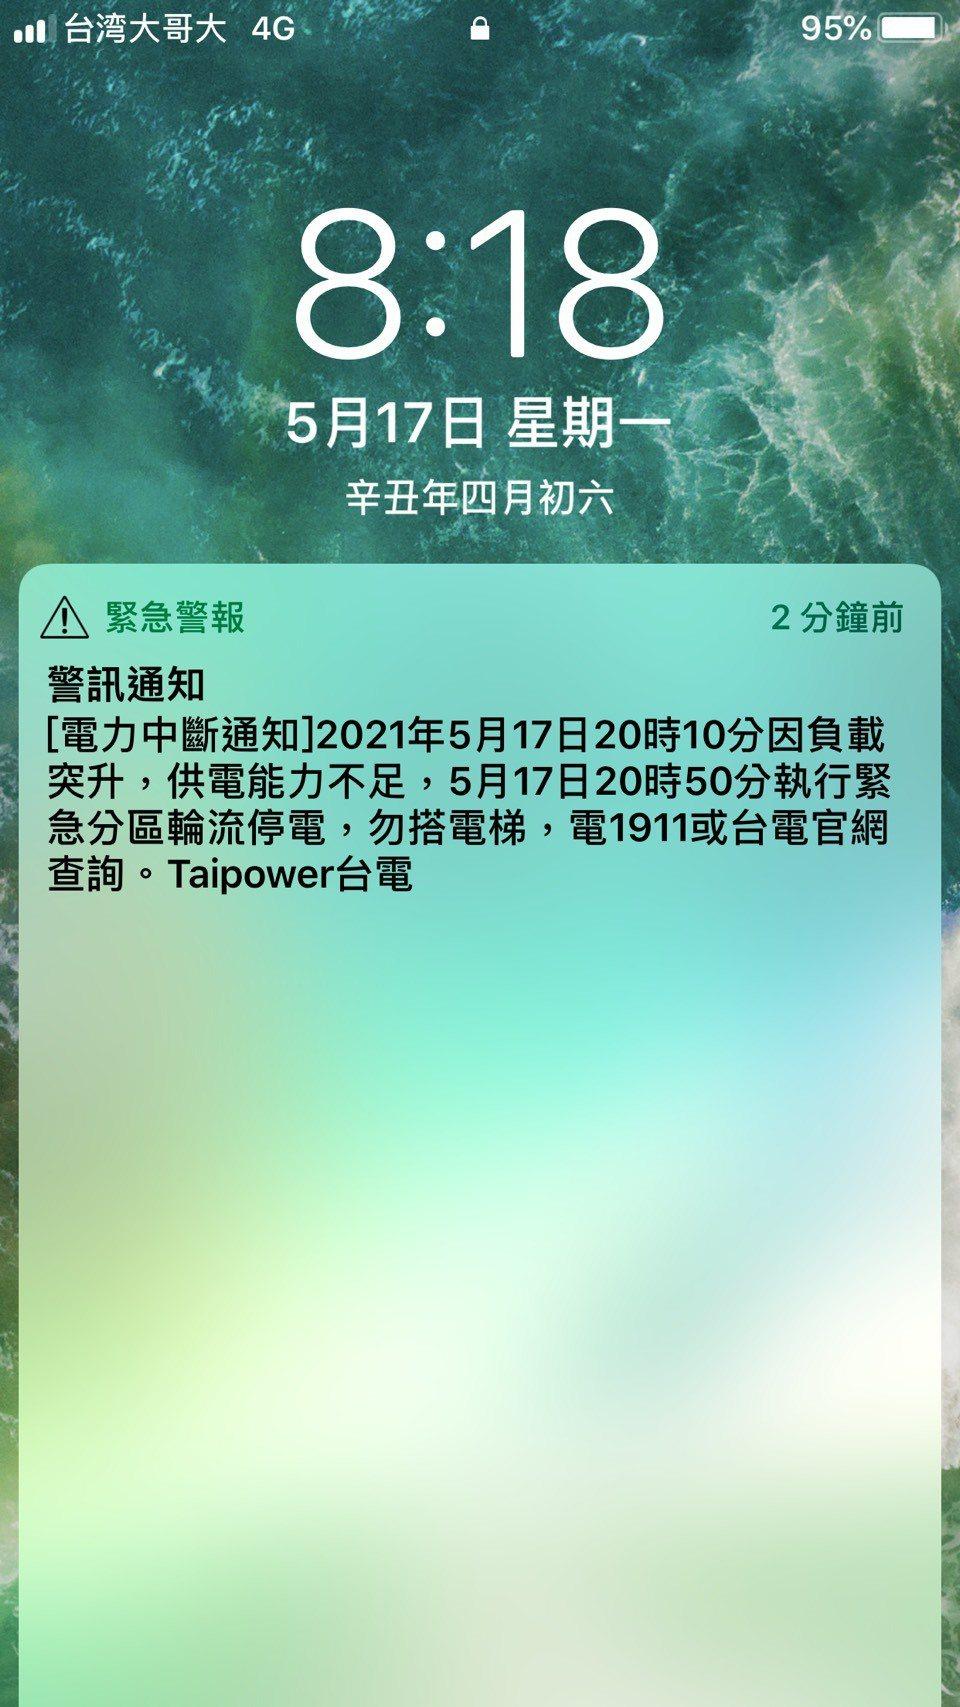 彰化縣沿海5鄉鎮今晚8點50分起分區輪流停電,可能超過6小時,用戶哀鴻遍野「今晚...